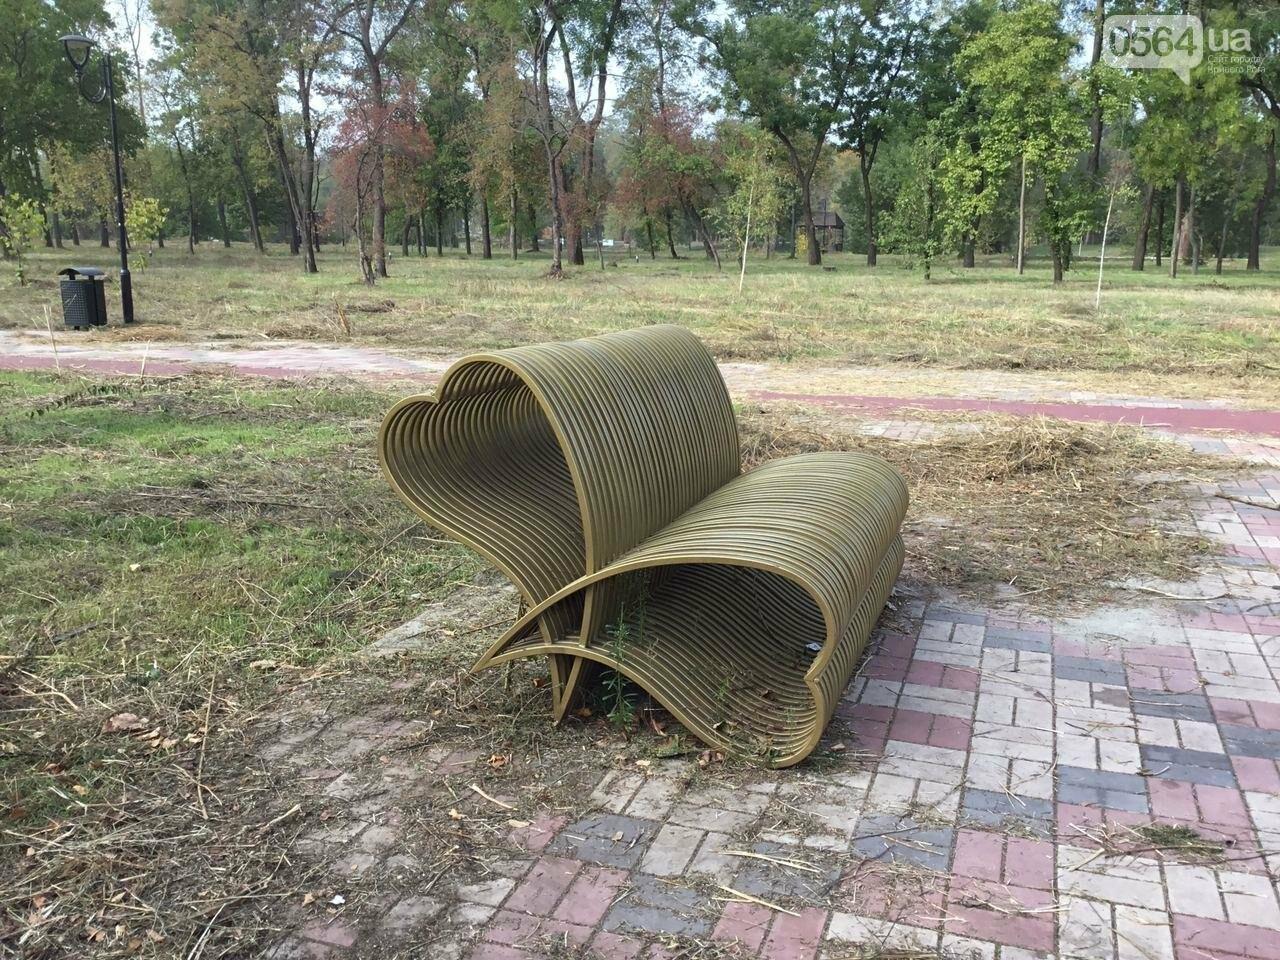 В Гданцевском парке наводят порядок. Как выглядит парк после покоса амброзии, - ФОТО, ВИДЕО, фото-24